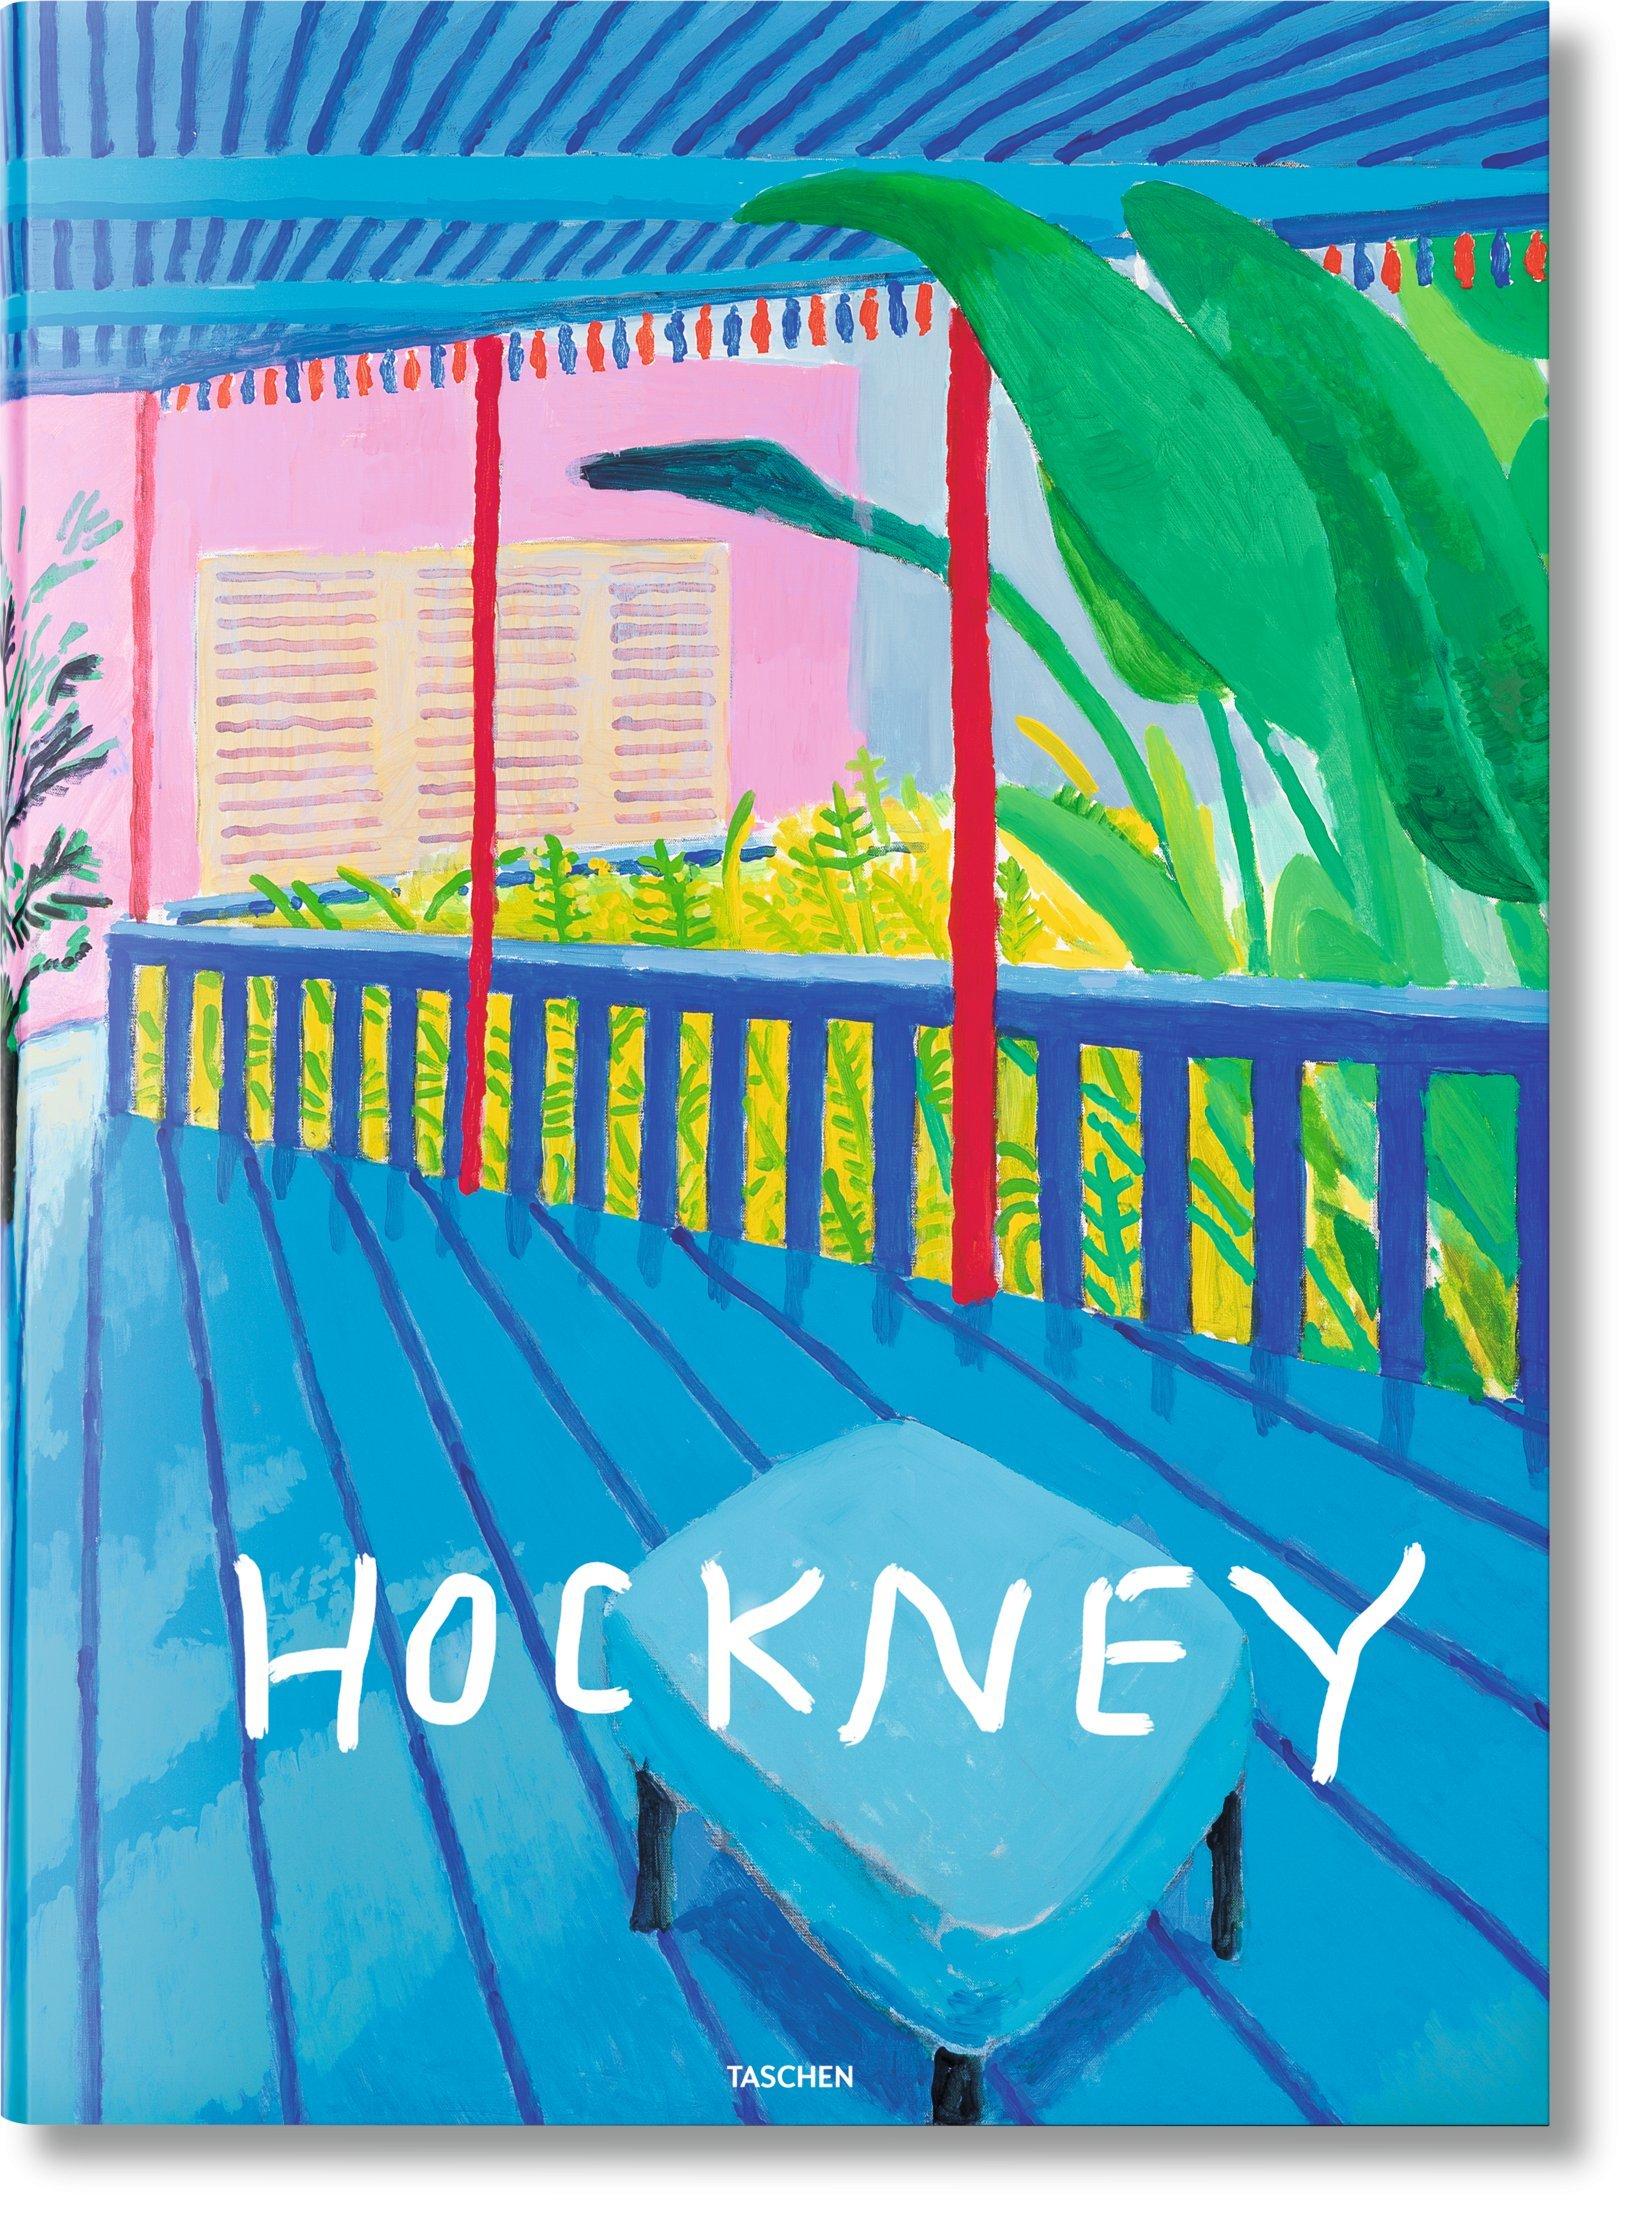 David Hockney - Hockney David